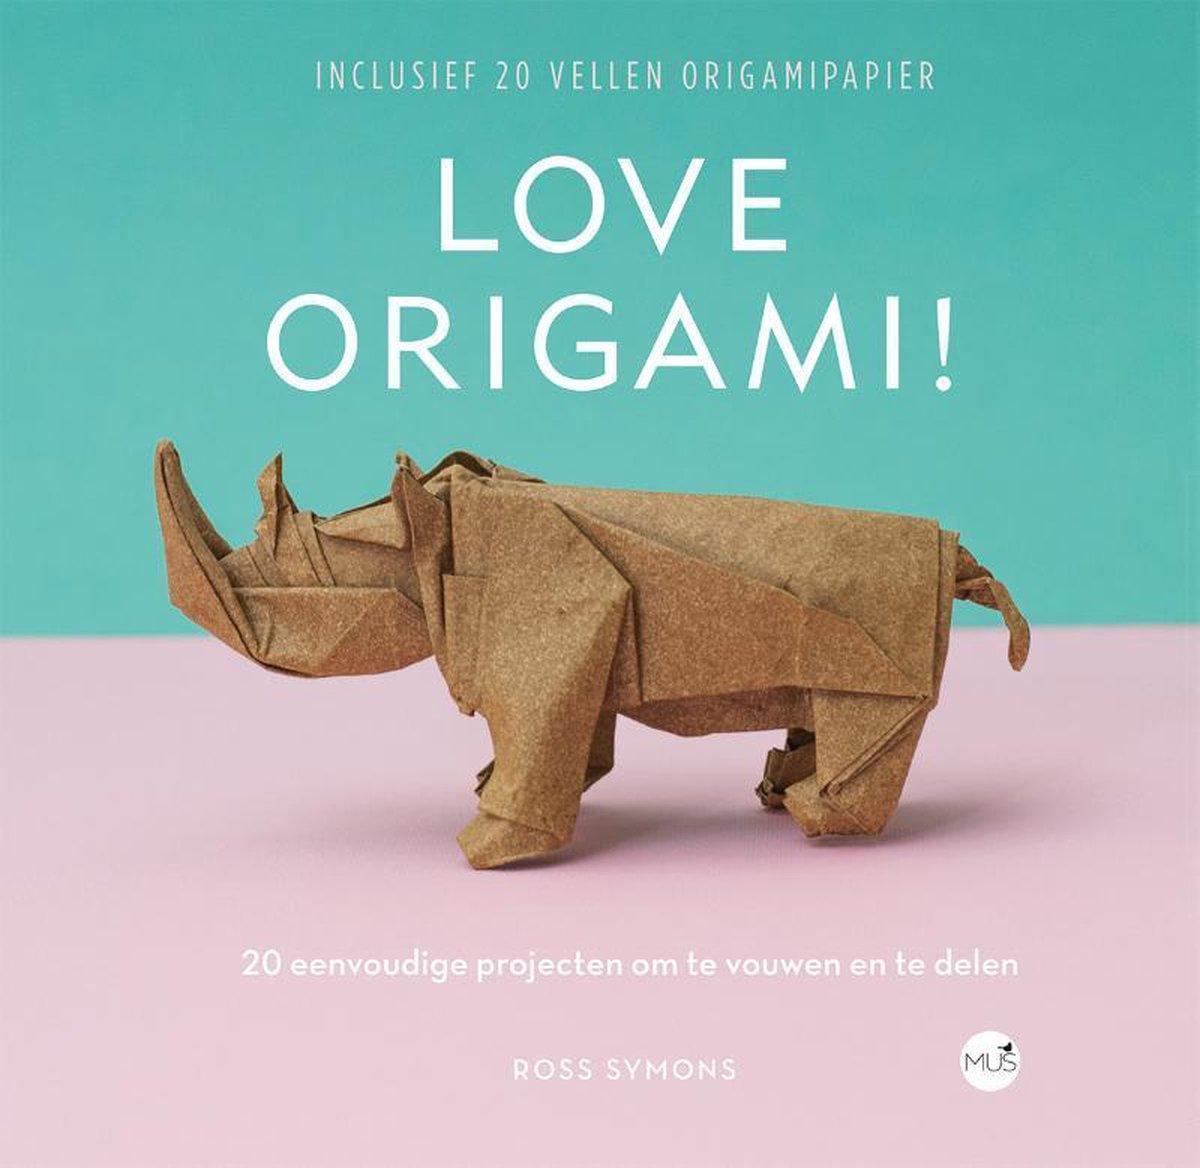 Love origami! - Ross Symons